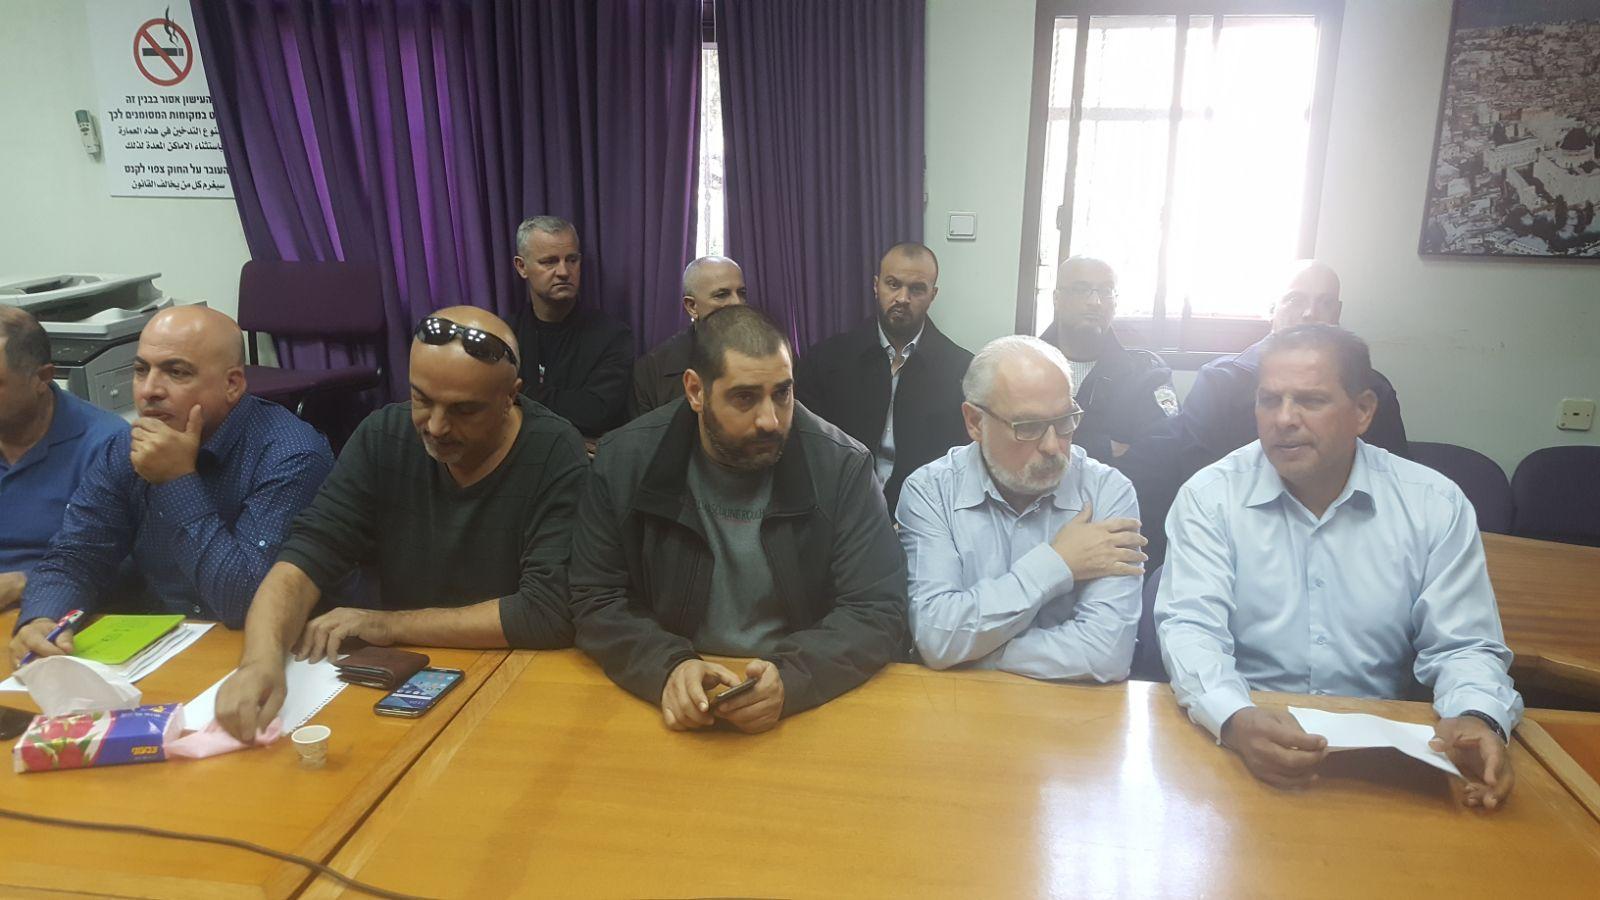 الناصرة: إلغاء احتفالات الميلاد تضامنا مع القدس